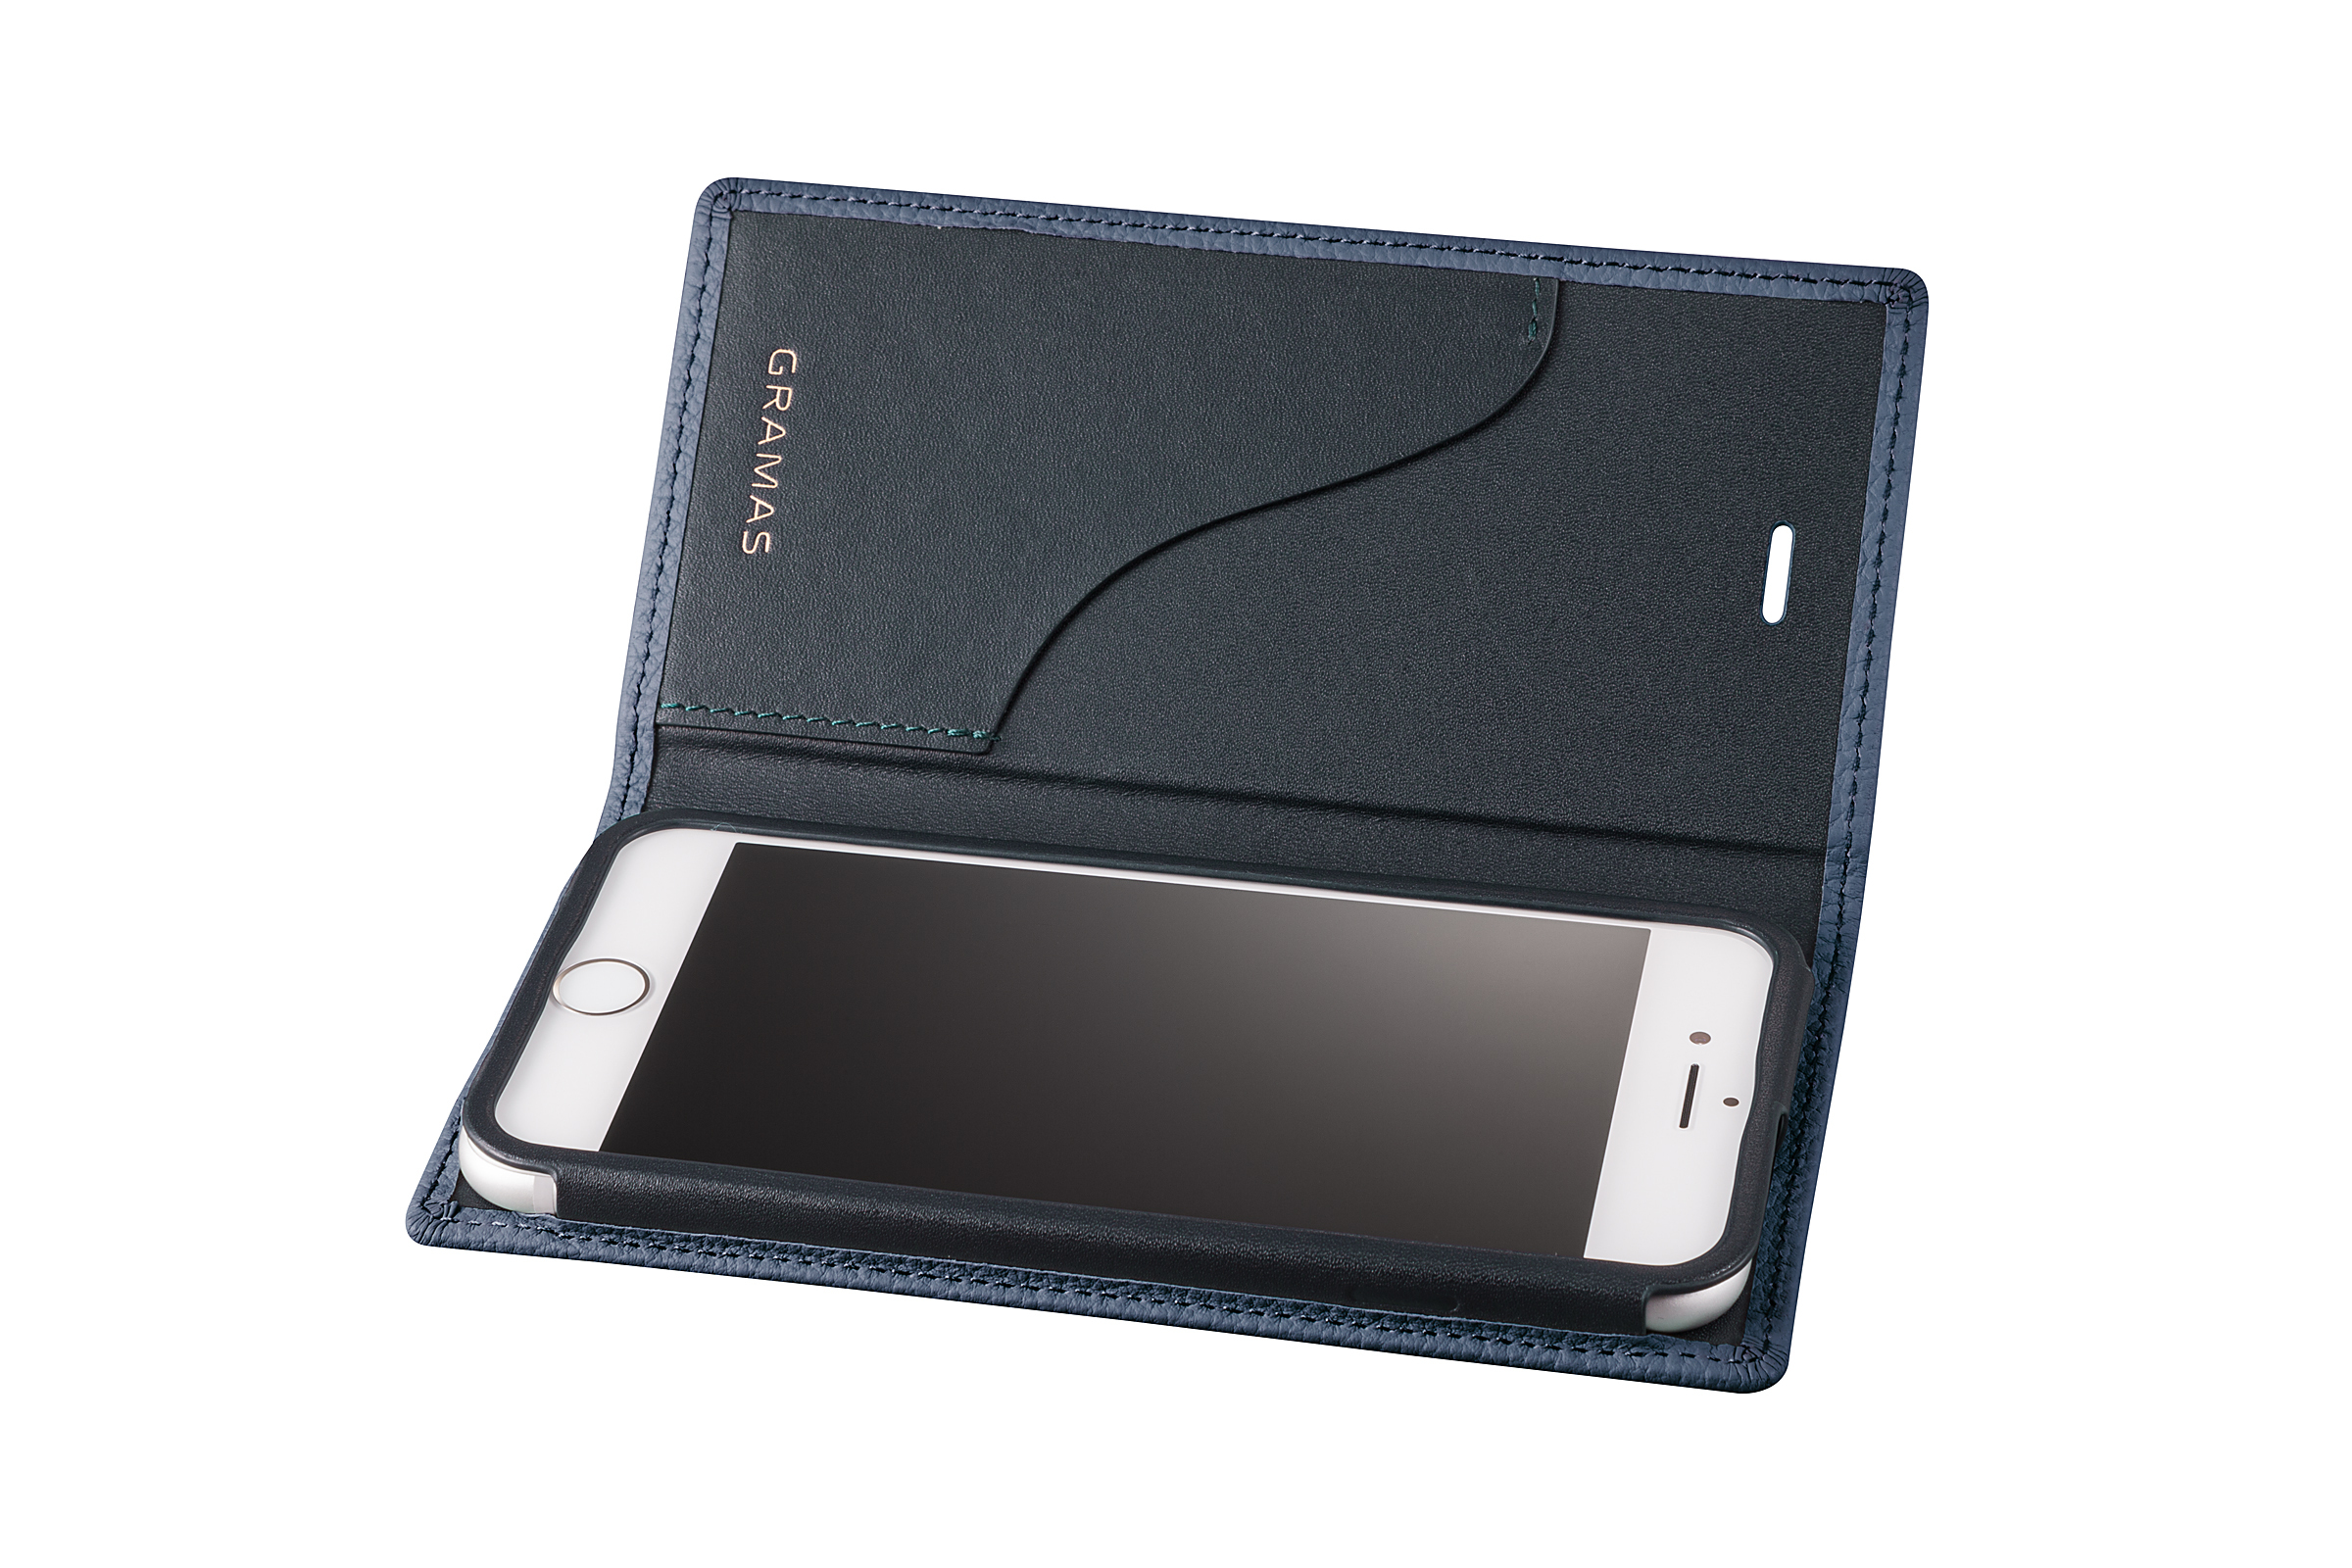 GRAMAS Shrunken-calf Full Leather Case for iPhone 7(Navy) シュランケンカーフ 手帳型フルレザーケース GLC646NV - 画像3